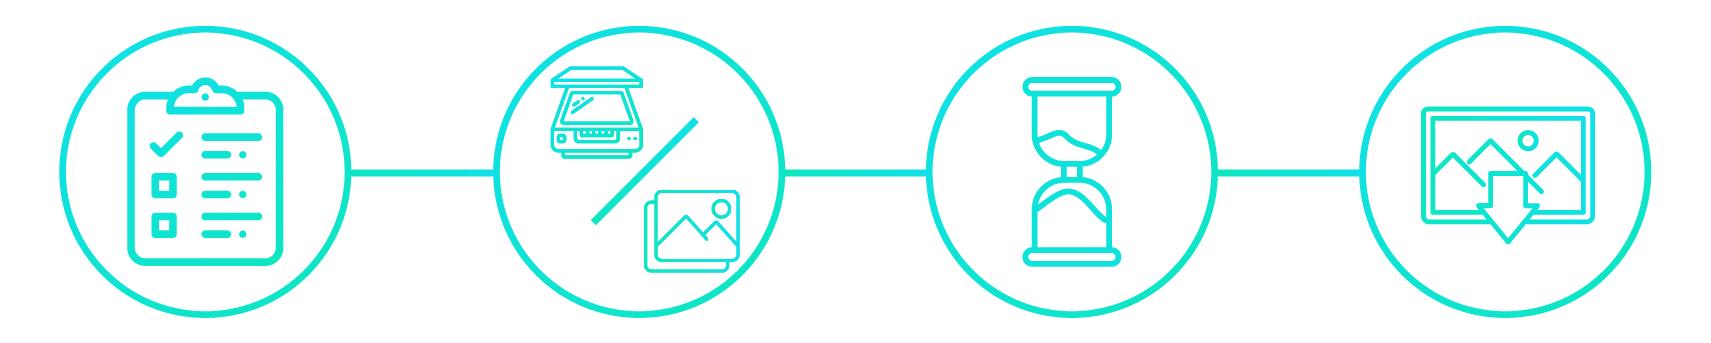 iunco Rendering Service Workflow